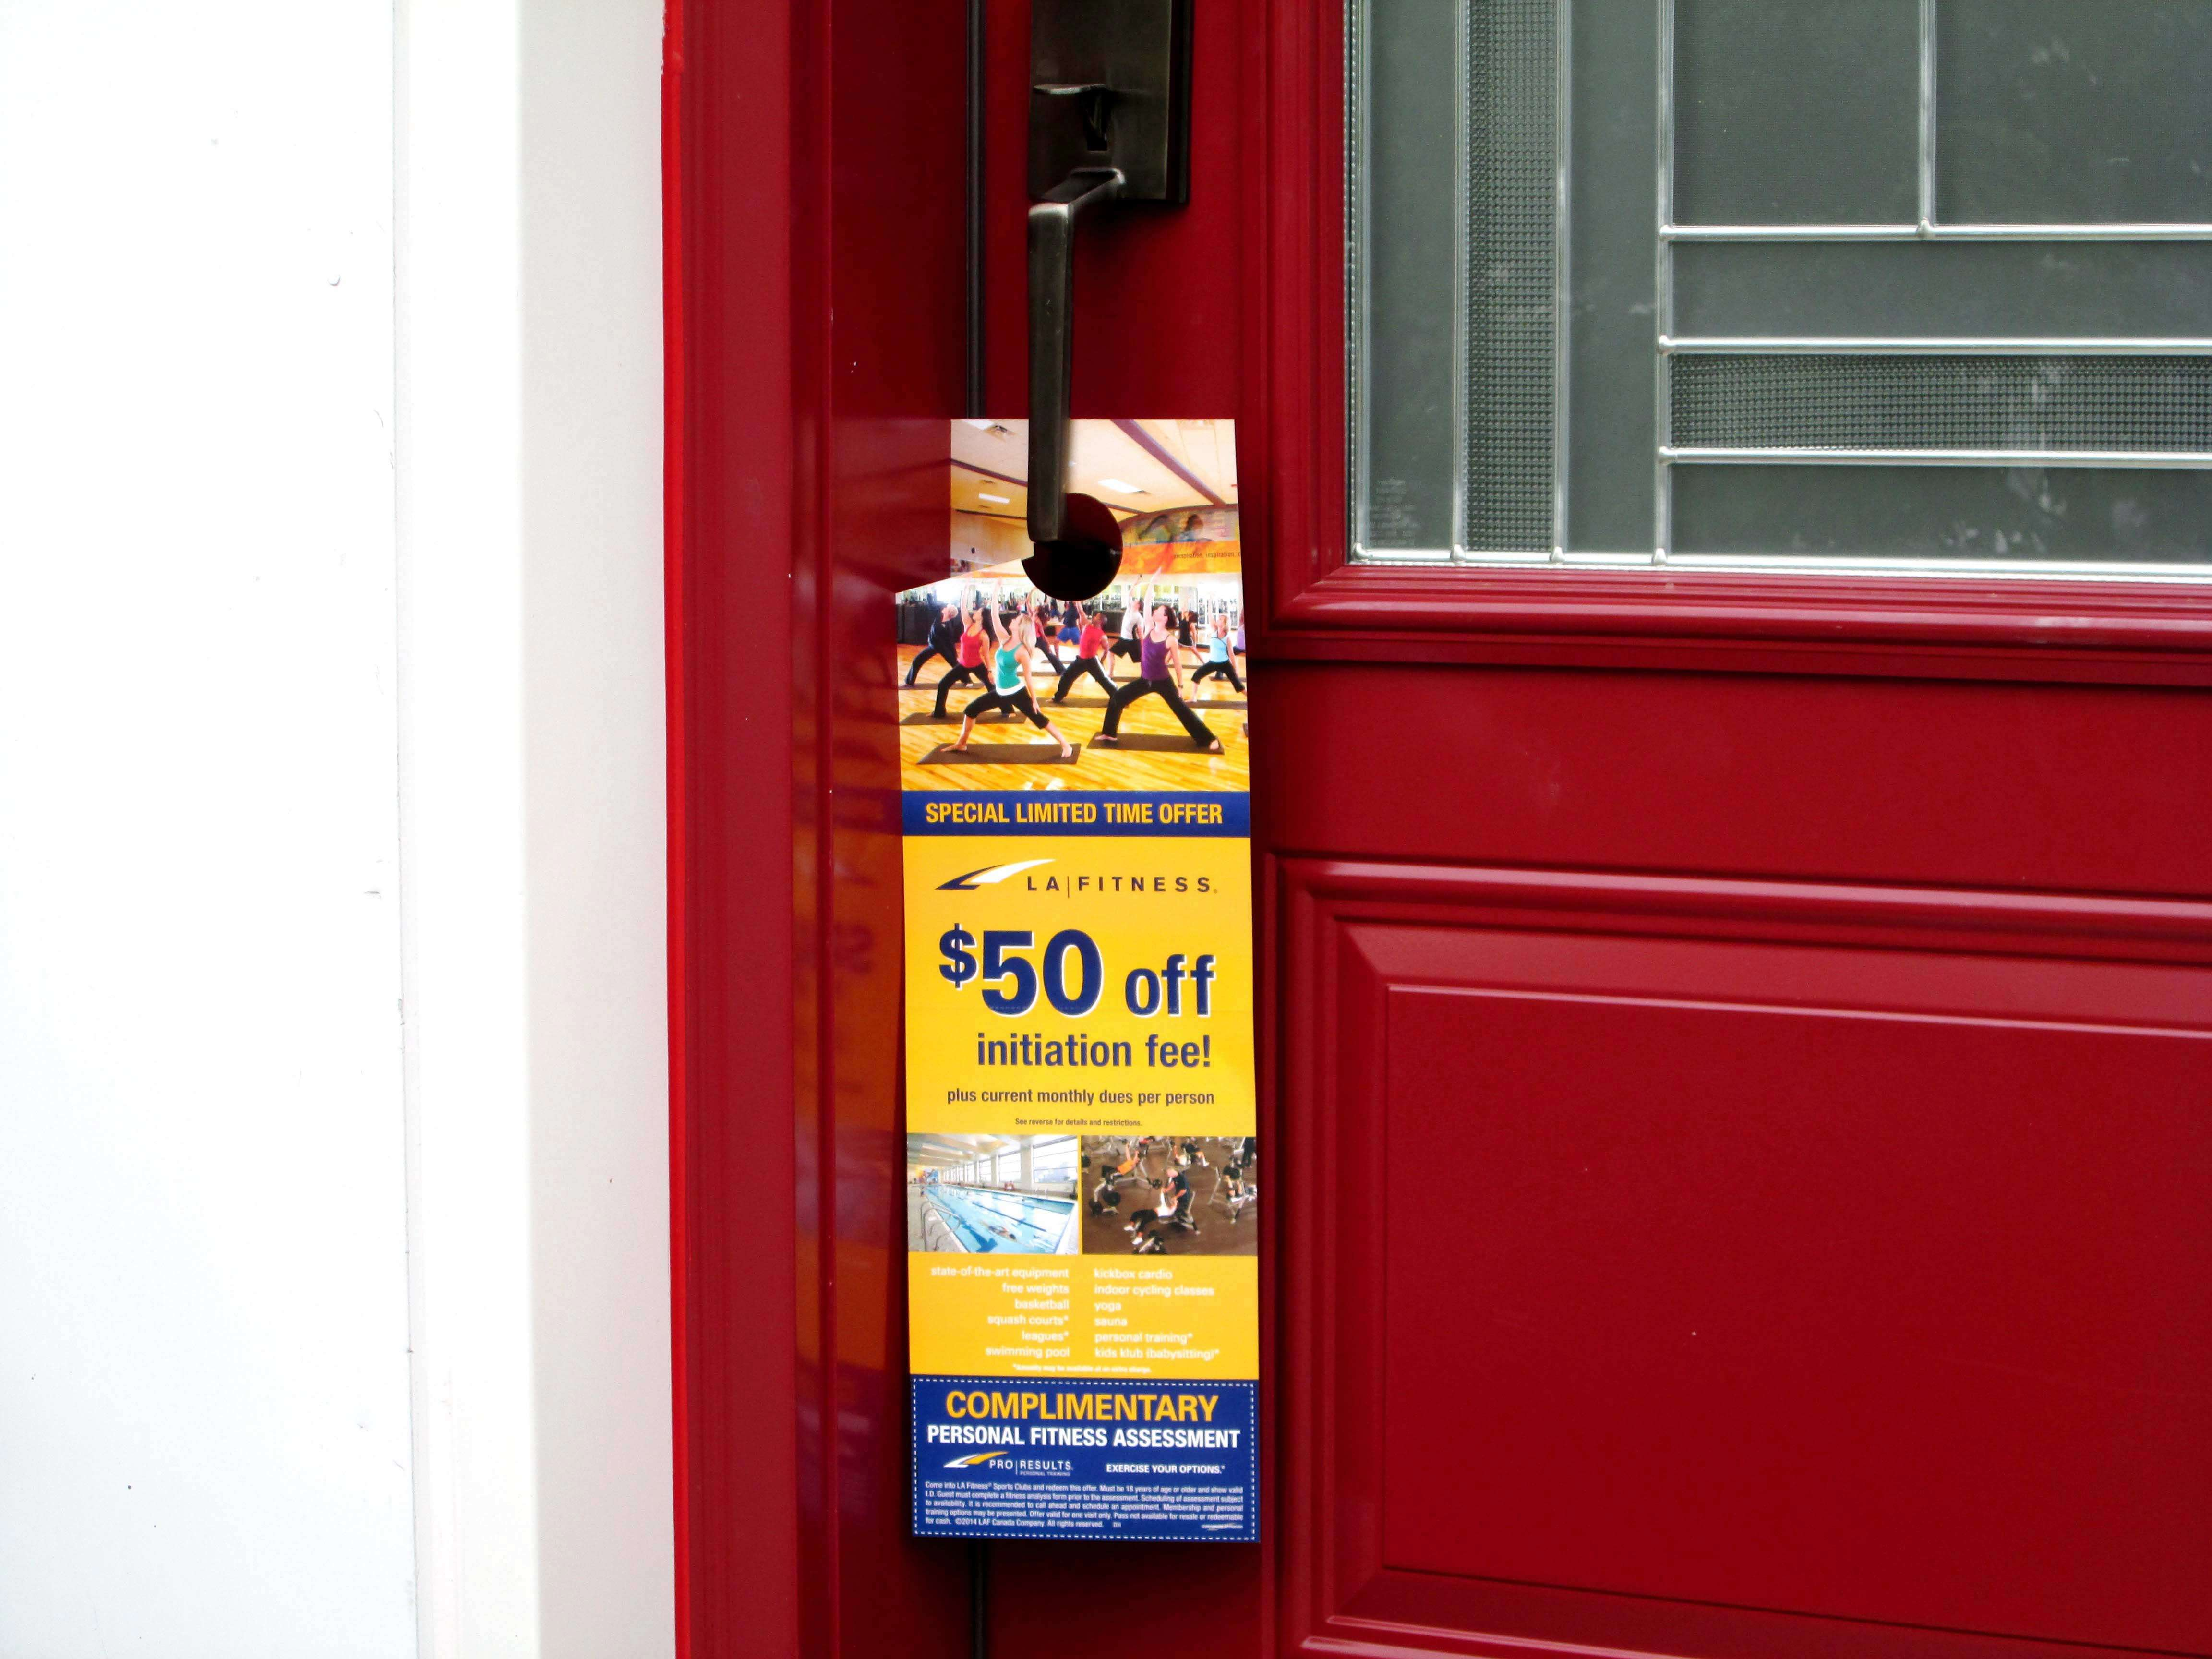 Limited time offer door hanger design